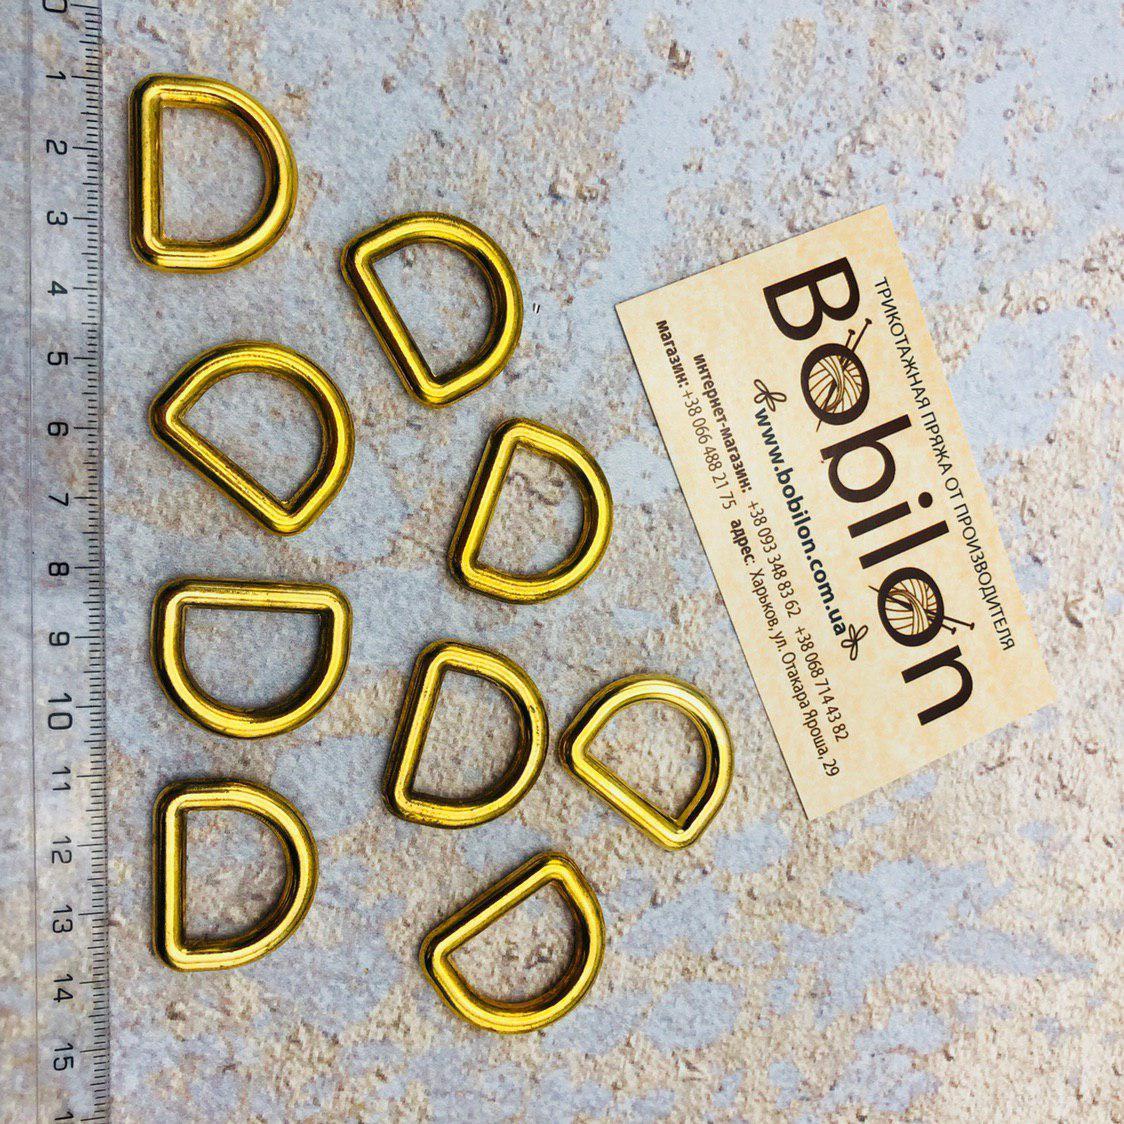 Полукольцо соединительное для ручки сумки 4,9 х 19 х 14,3 мм. Цвет Золото